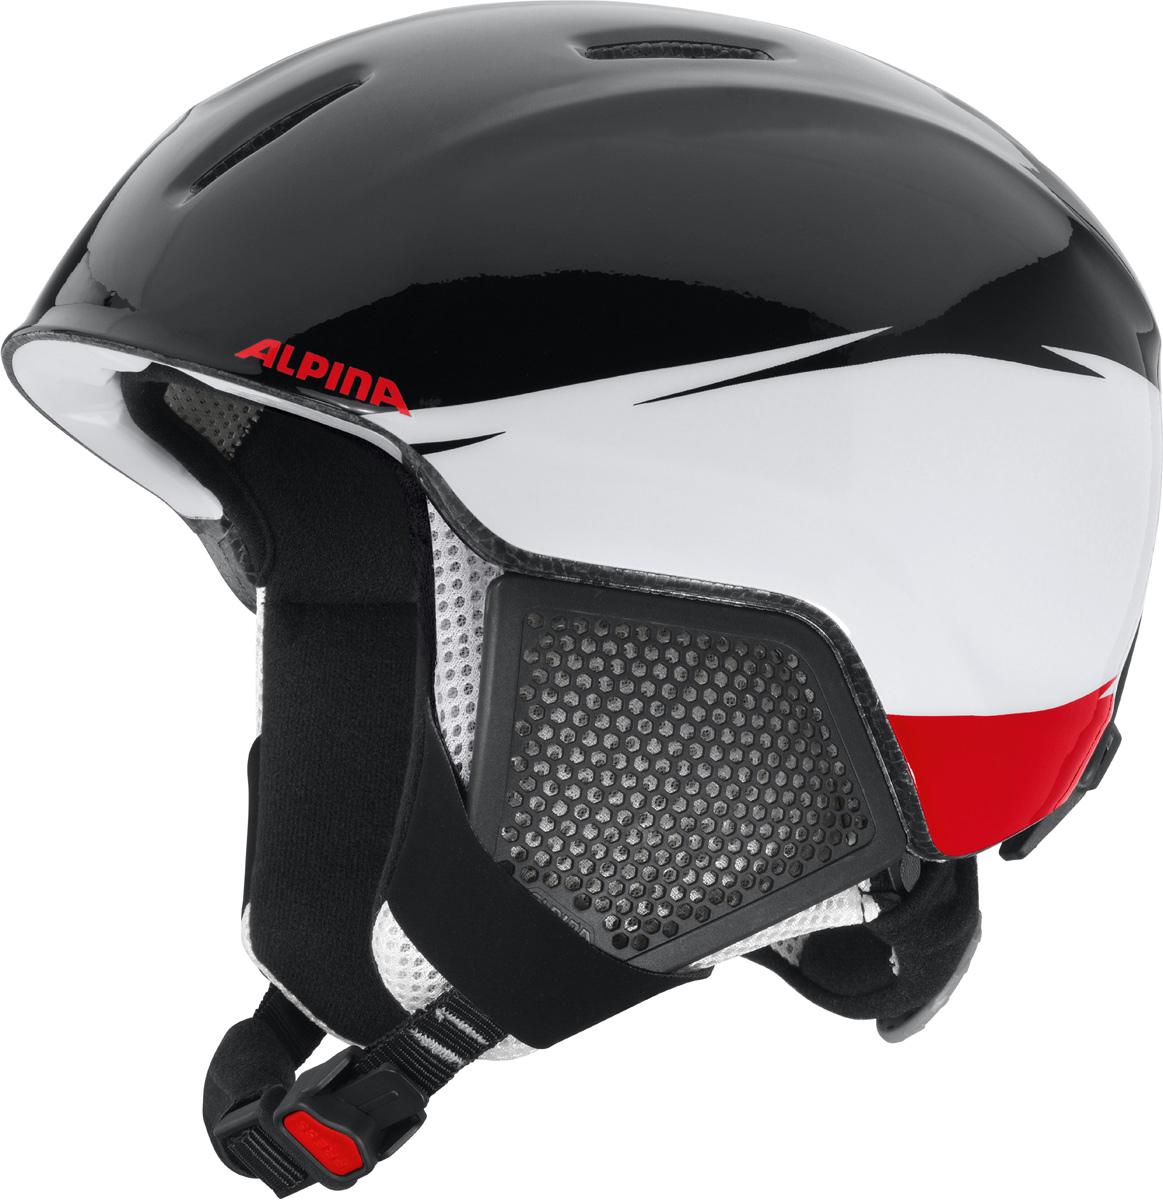 Шлем горнолыжный Alpina CARAT LX black-white-red. Размер 54-58A9081_50Серия детских и подростковых шлемов Carat пополнилась моделью LX. Главным нововведением стало использование перфорации в жёстких наушниках, которые по-прежнему обеспечивают высокую степень защиты, но при этом позволяют слышать всё вокруг.• Вентиляционные отверстия препятствуют перегреву и позволяют поддерживать идеальную температуру внутри шлема. Для этого инженеры Alpina используют эффект Вентури, чтобы сделать циркуляцию воздуха постоянной и максимально эффективной.• Внутренник шлема легко вынимается, стирается, сушится и вставляется обратно.• Из задней части шлема можно достать шейный утеплитель из мякого микро-флиса. Этот теплый воротник также защищает шею от ударов на высокой скорости и при сибирских морозах. В удобной конструкции отсутствуют точки давления на шею.• Прочная и лёгкая конструкция In-mold. Тонкая и прочная поликарбонатная оболочка под воздействием высокой температуры и давления буквально сплавляется с гранулами EPS, которые гасят ударную нагрузку.• Внутренная оболочка каждого шлема Alpina состоит из гранул HI-EPS (сильно вспененного полистирола). Микроскопические воздушные карманы эффективно поглощают ударную нагрузку и обеспечивают высокую теплоизоляцию. Эта технология позволяет достичь минимальной толщины оболочки. А так как гранулы HI-EPS не впитывают влагу, их защитный эффект не ослабевает со временем.• Удобная и точная система регулировки Run System Ergo Snow позволяет быстро и комфортно подогнать шлем по голове, без создания отдельных точек избыточного давления.• Y-образный ремнераспределитель двух ремешков находится под ухом и обеспечивает быструю и точную посадку шлема на голове.• Вместо фастекса на ремешке используется красная кнопка с автоматическим запирающим механизмом, которую легко использовать даже в лыжных перчатках. Механизм защищён от произвольного раскрытия при падении.